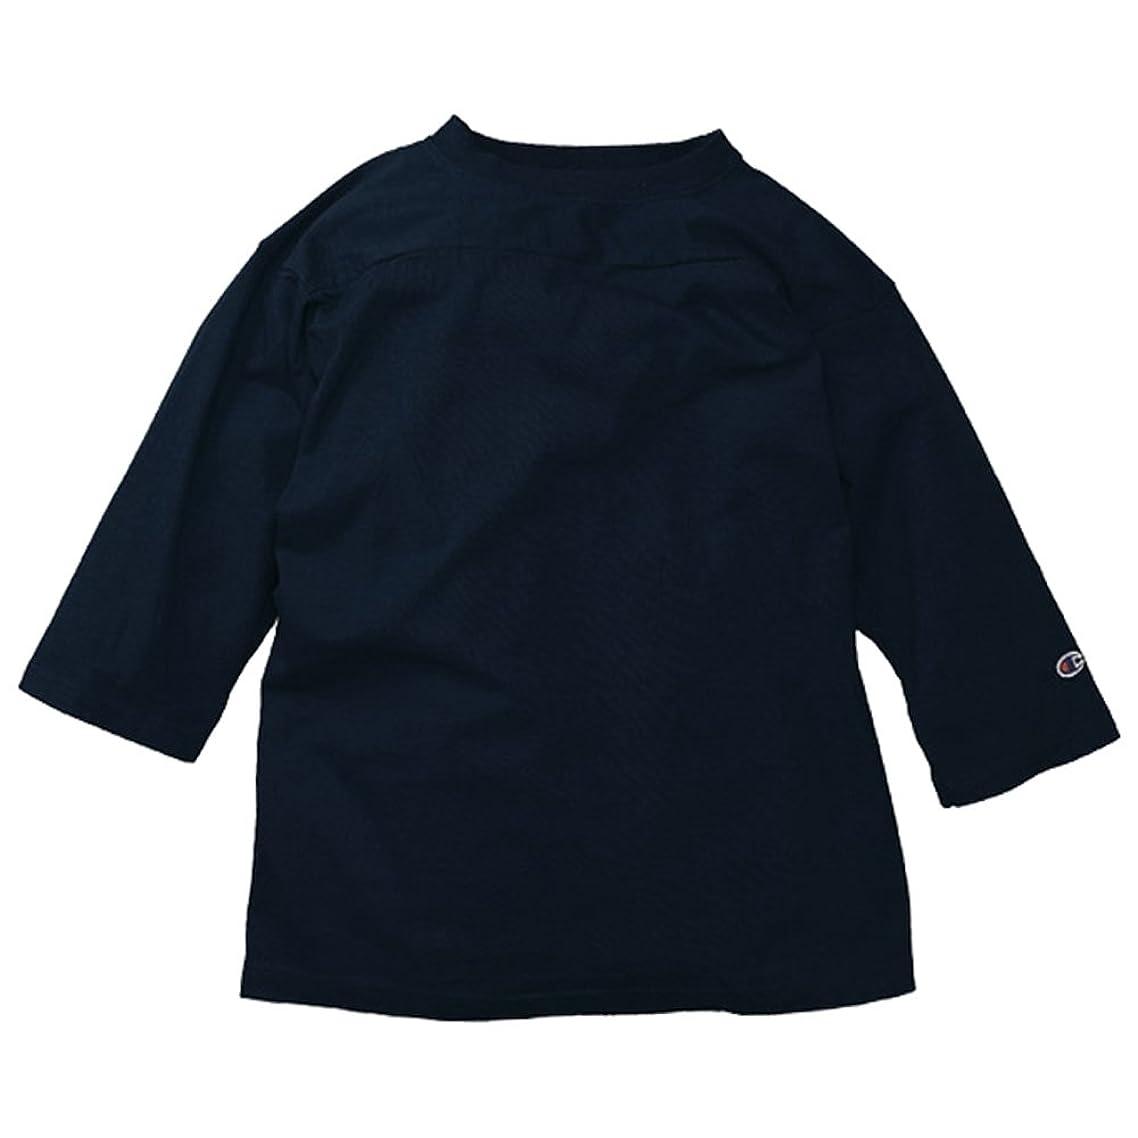 豆無限大トースト(チャンピオン) Champion T1011 3/4スリーブ 無地 フットボール Tシャツ